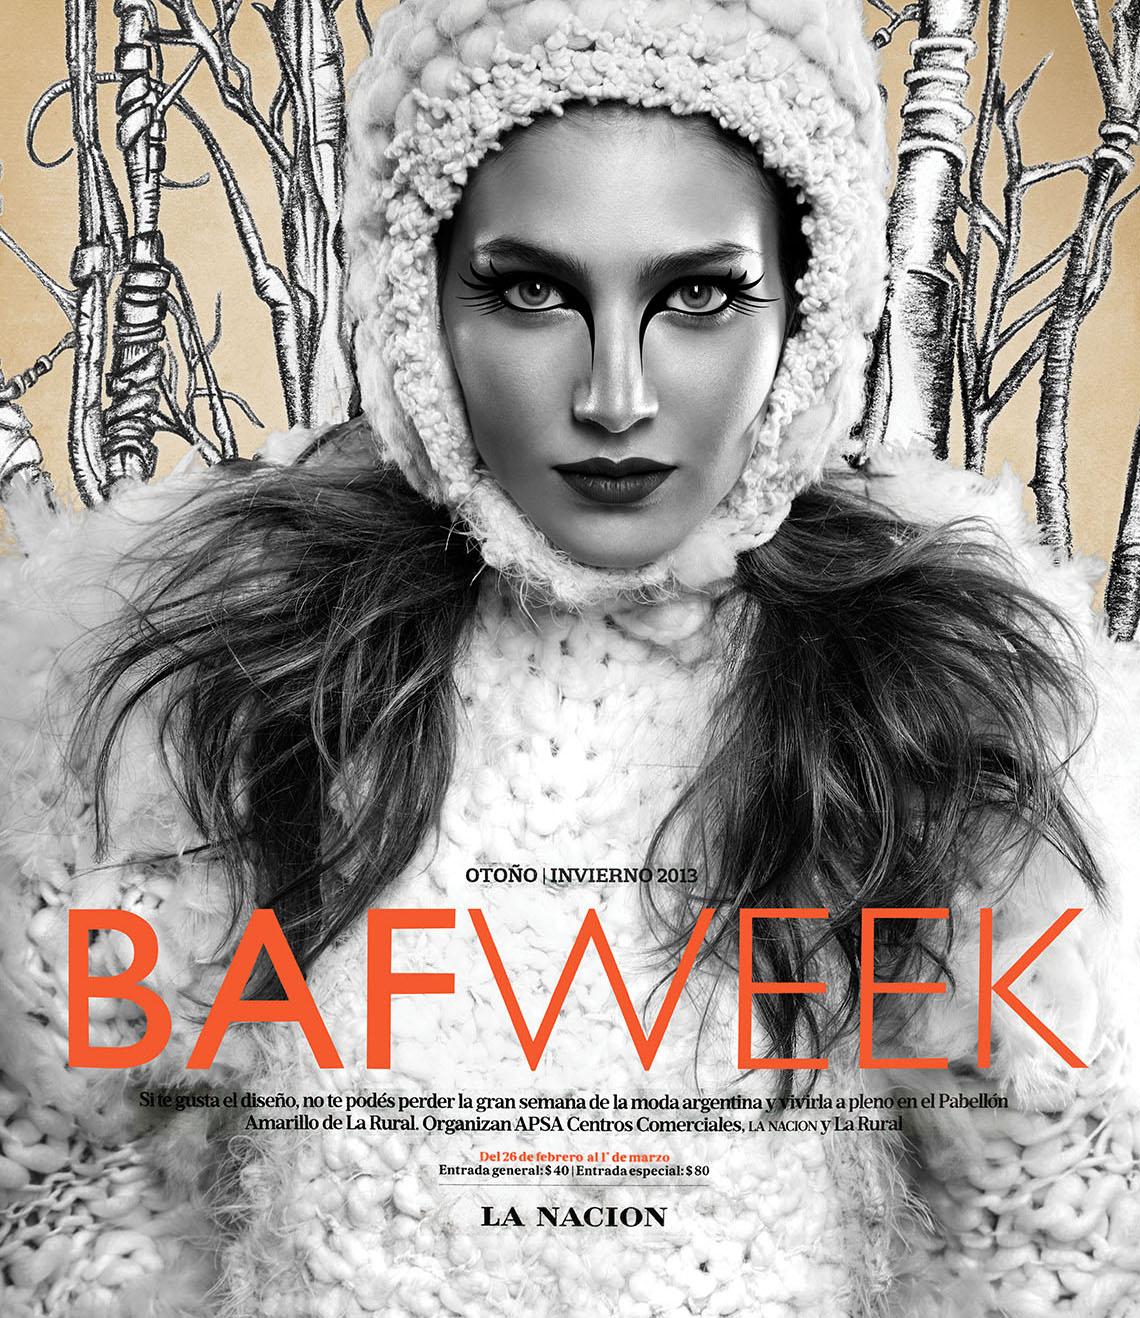 bafweek-federico rozo